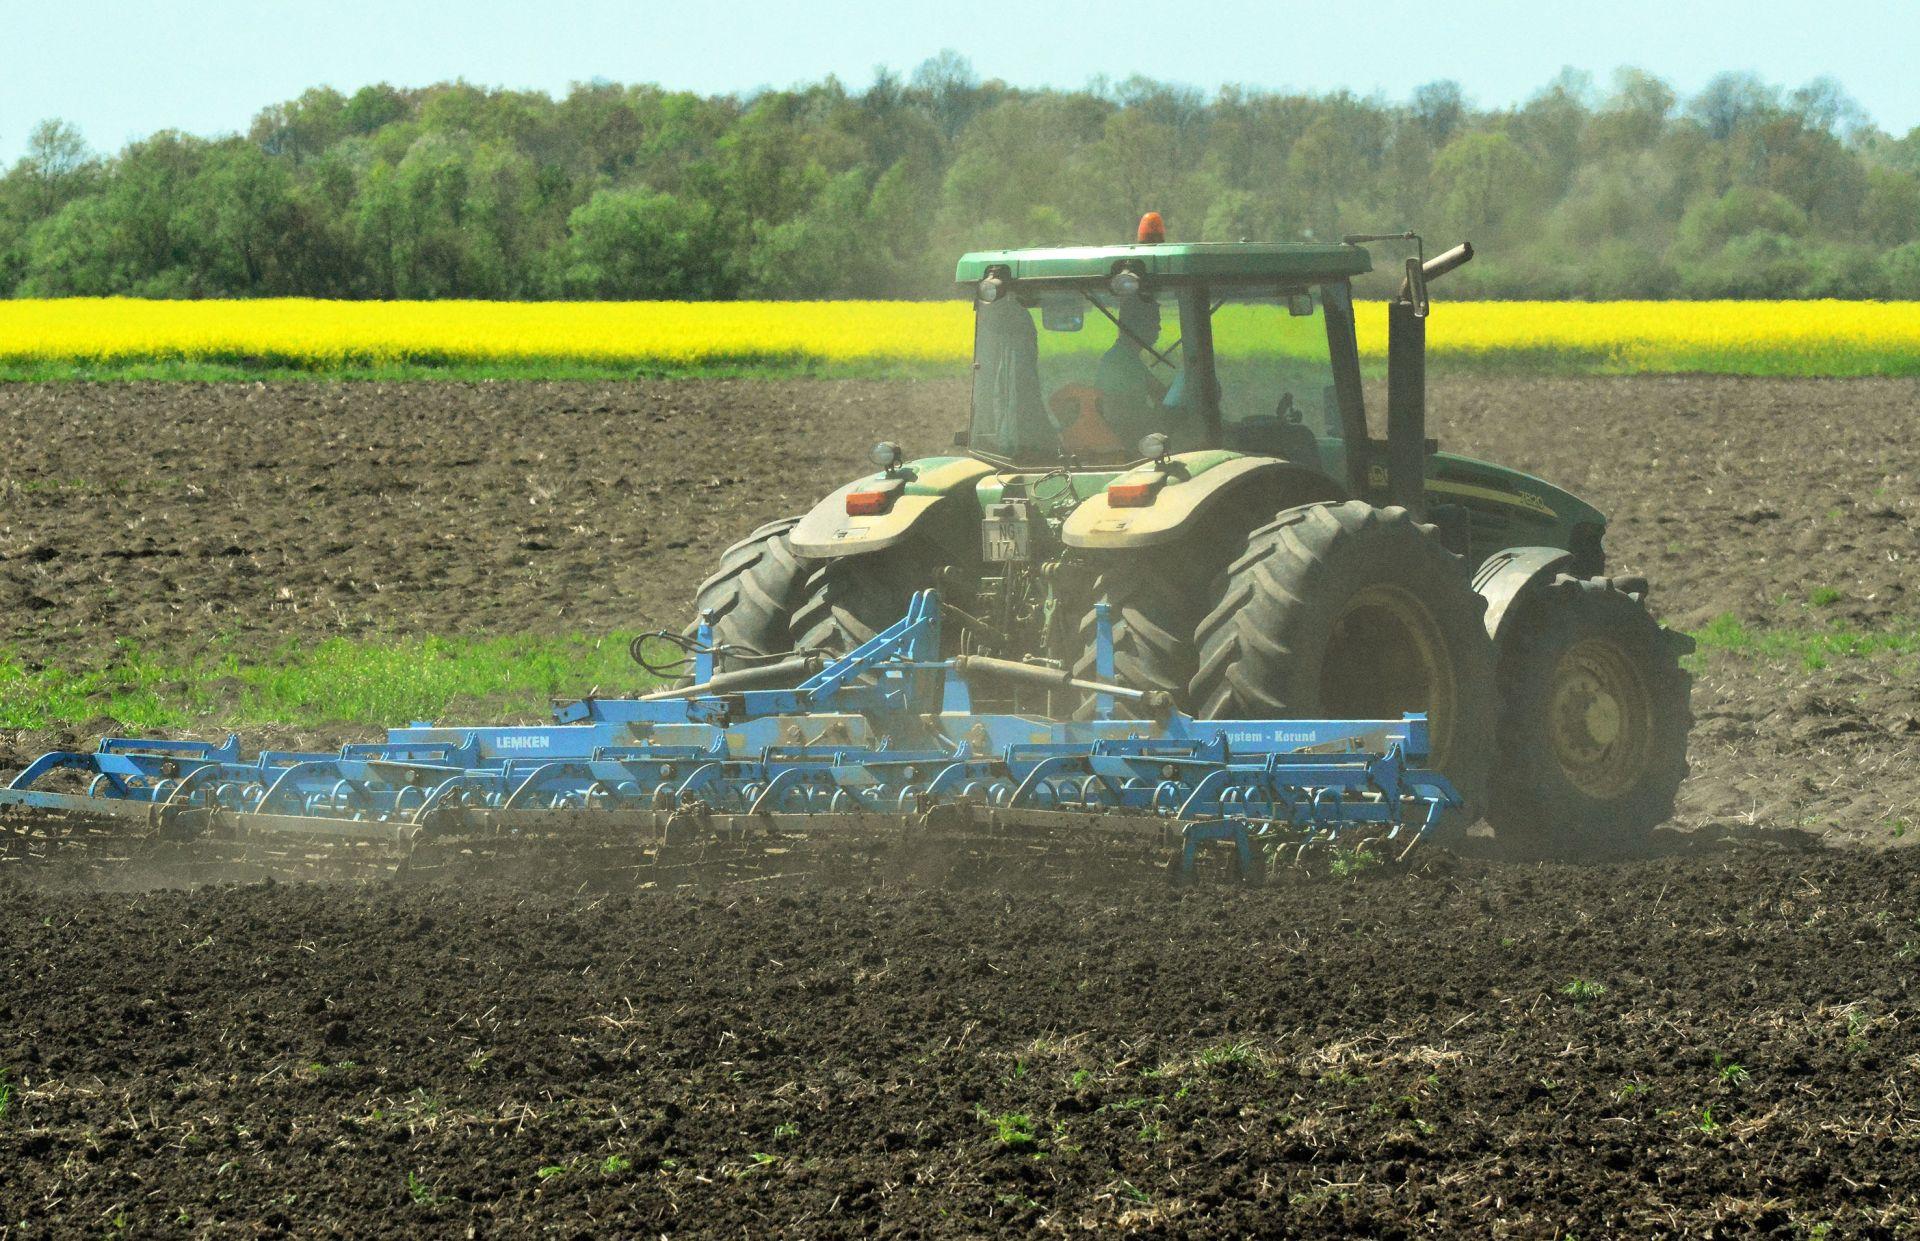 Sredstvima EU fondova treba potaknuti regionalni razvoj poljoprivrede